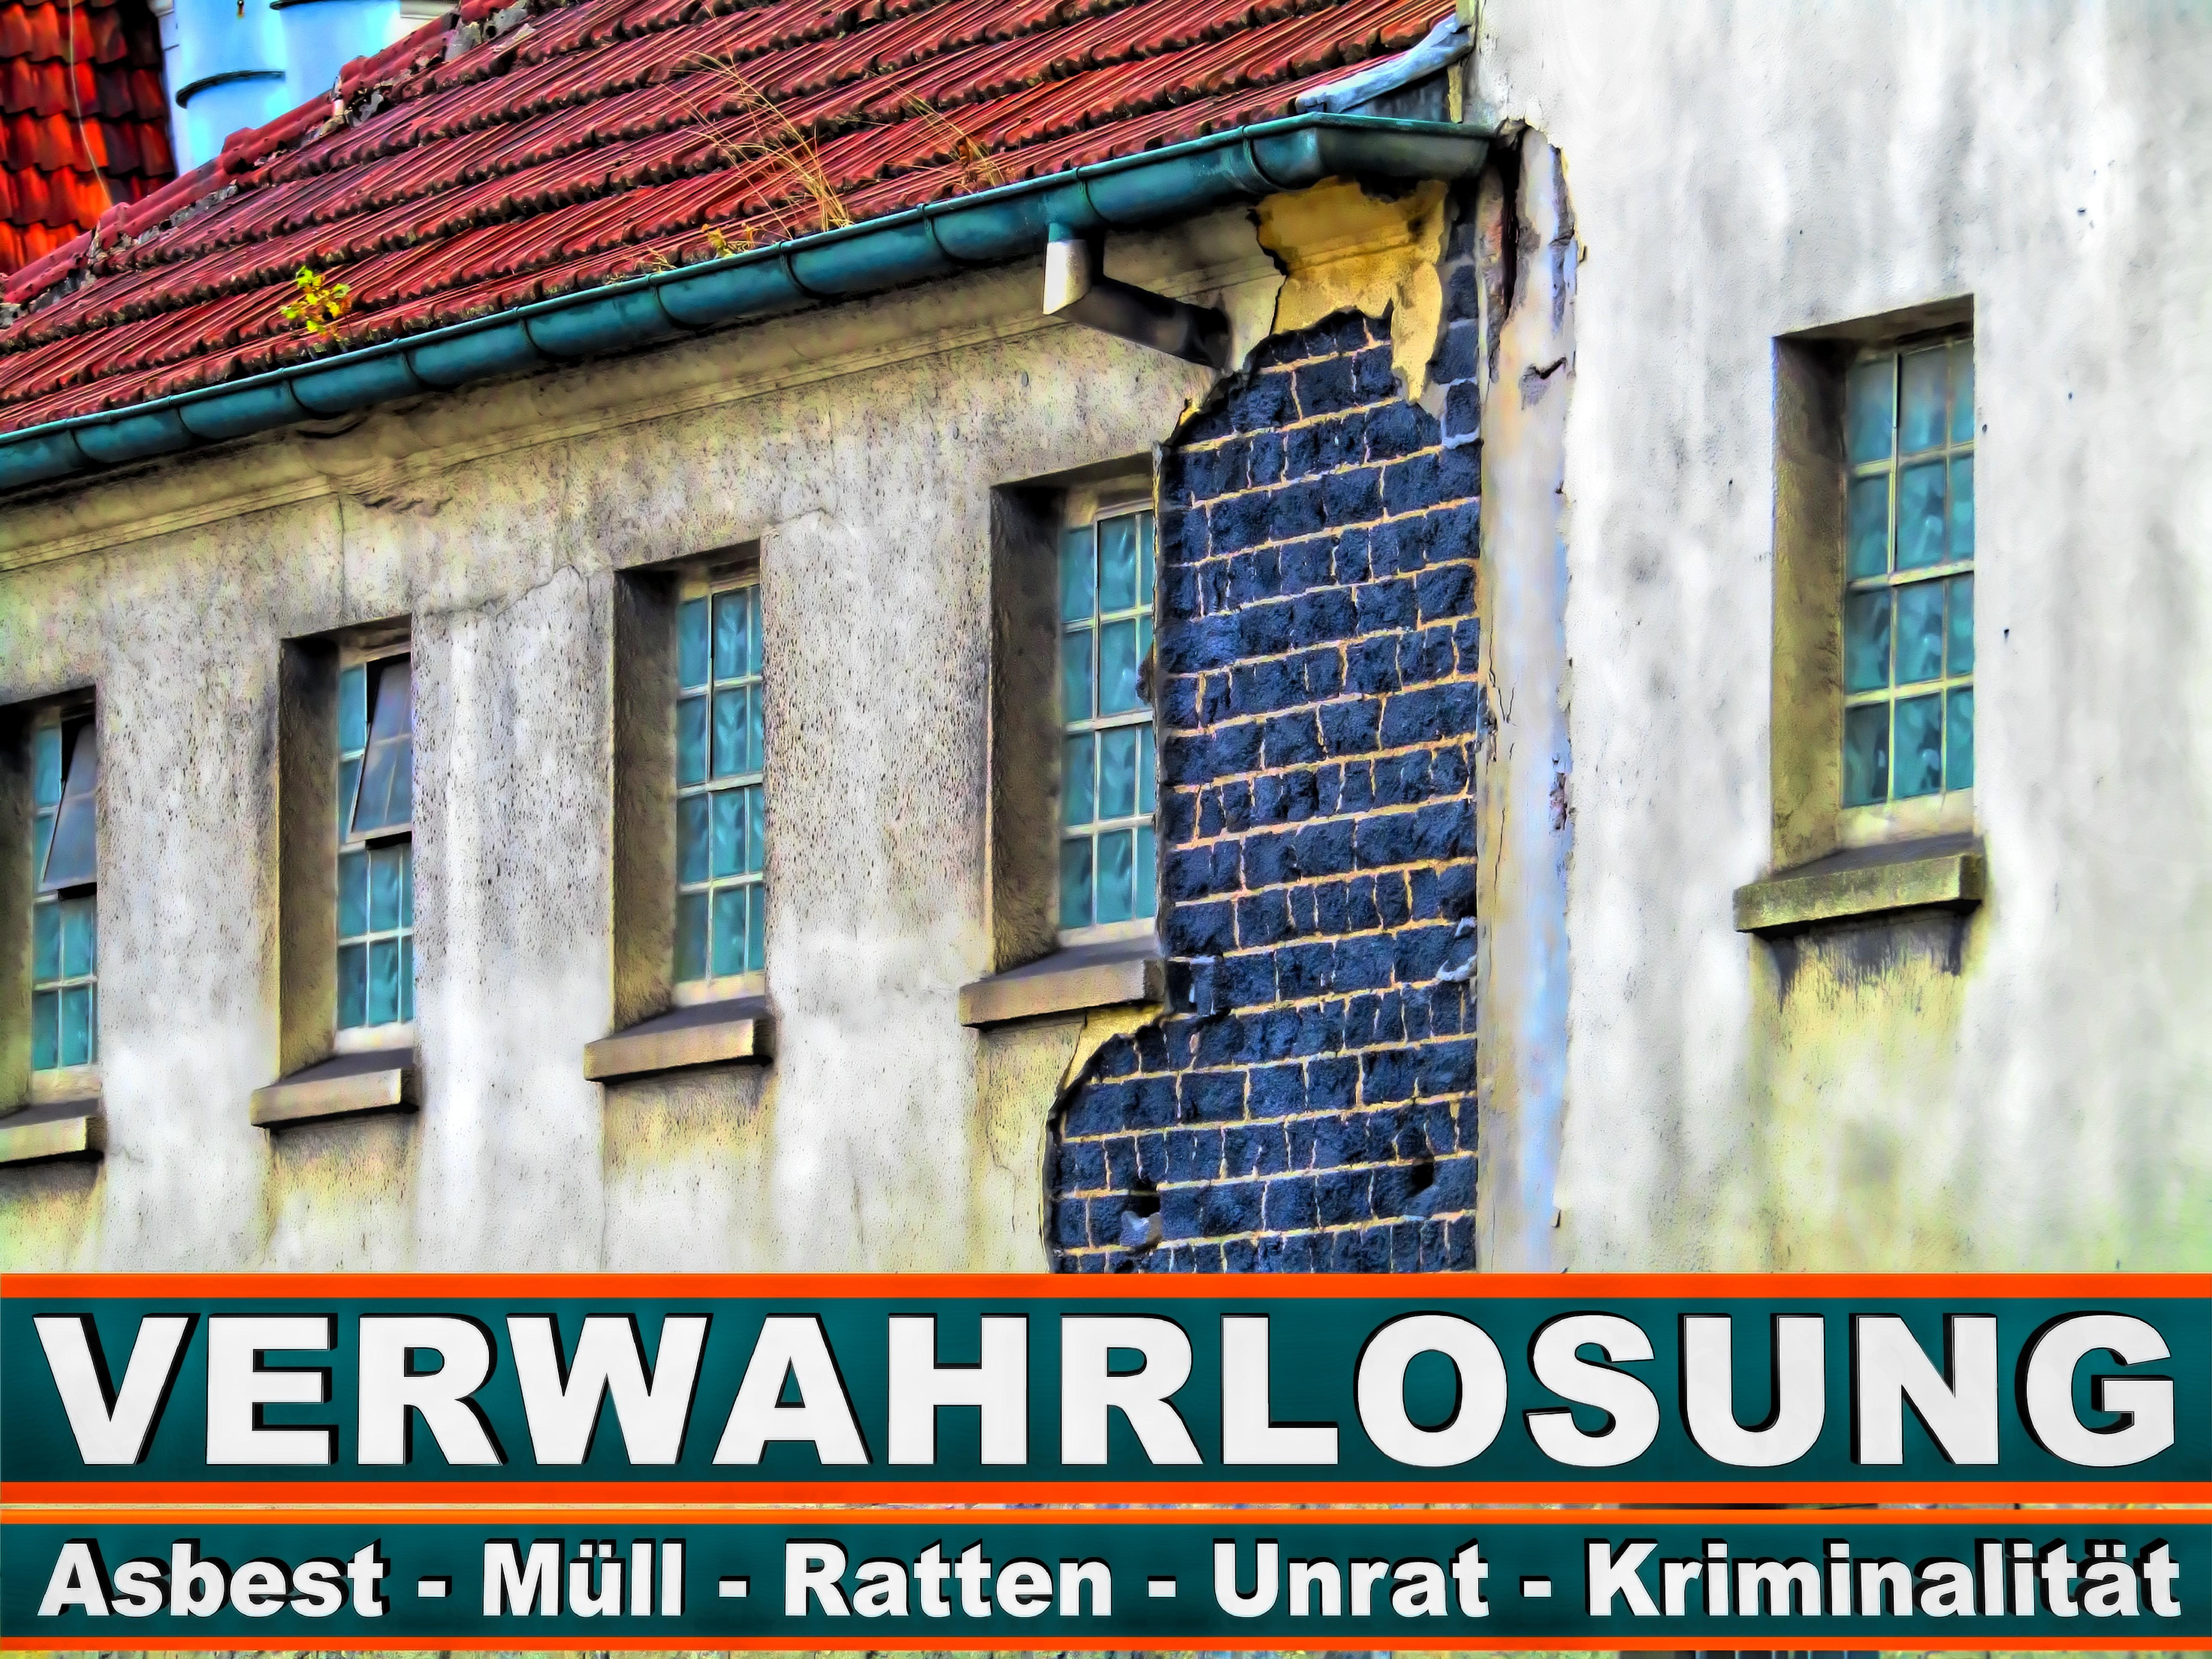 ÖKO TECH PARK BIELEFELD RESTPOSTEN & LICHT MARTINA SONNENBERG DALBKEWEG 43 BIELEFELD 037